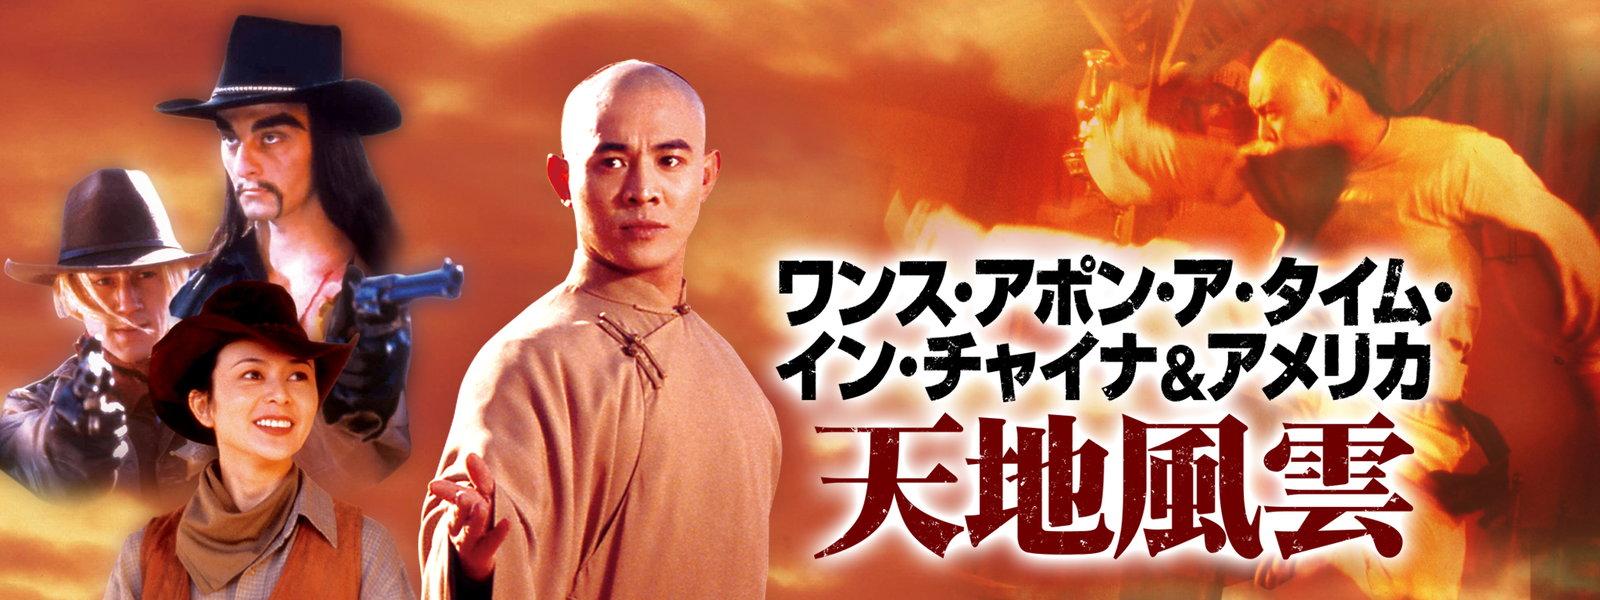 ワンス・アポン・ア・タイム・イン・チャイナ&アメリカ 天地風雲 動画